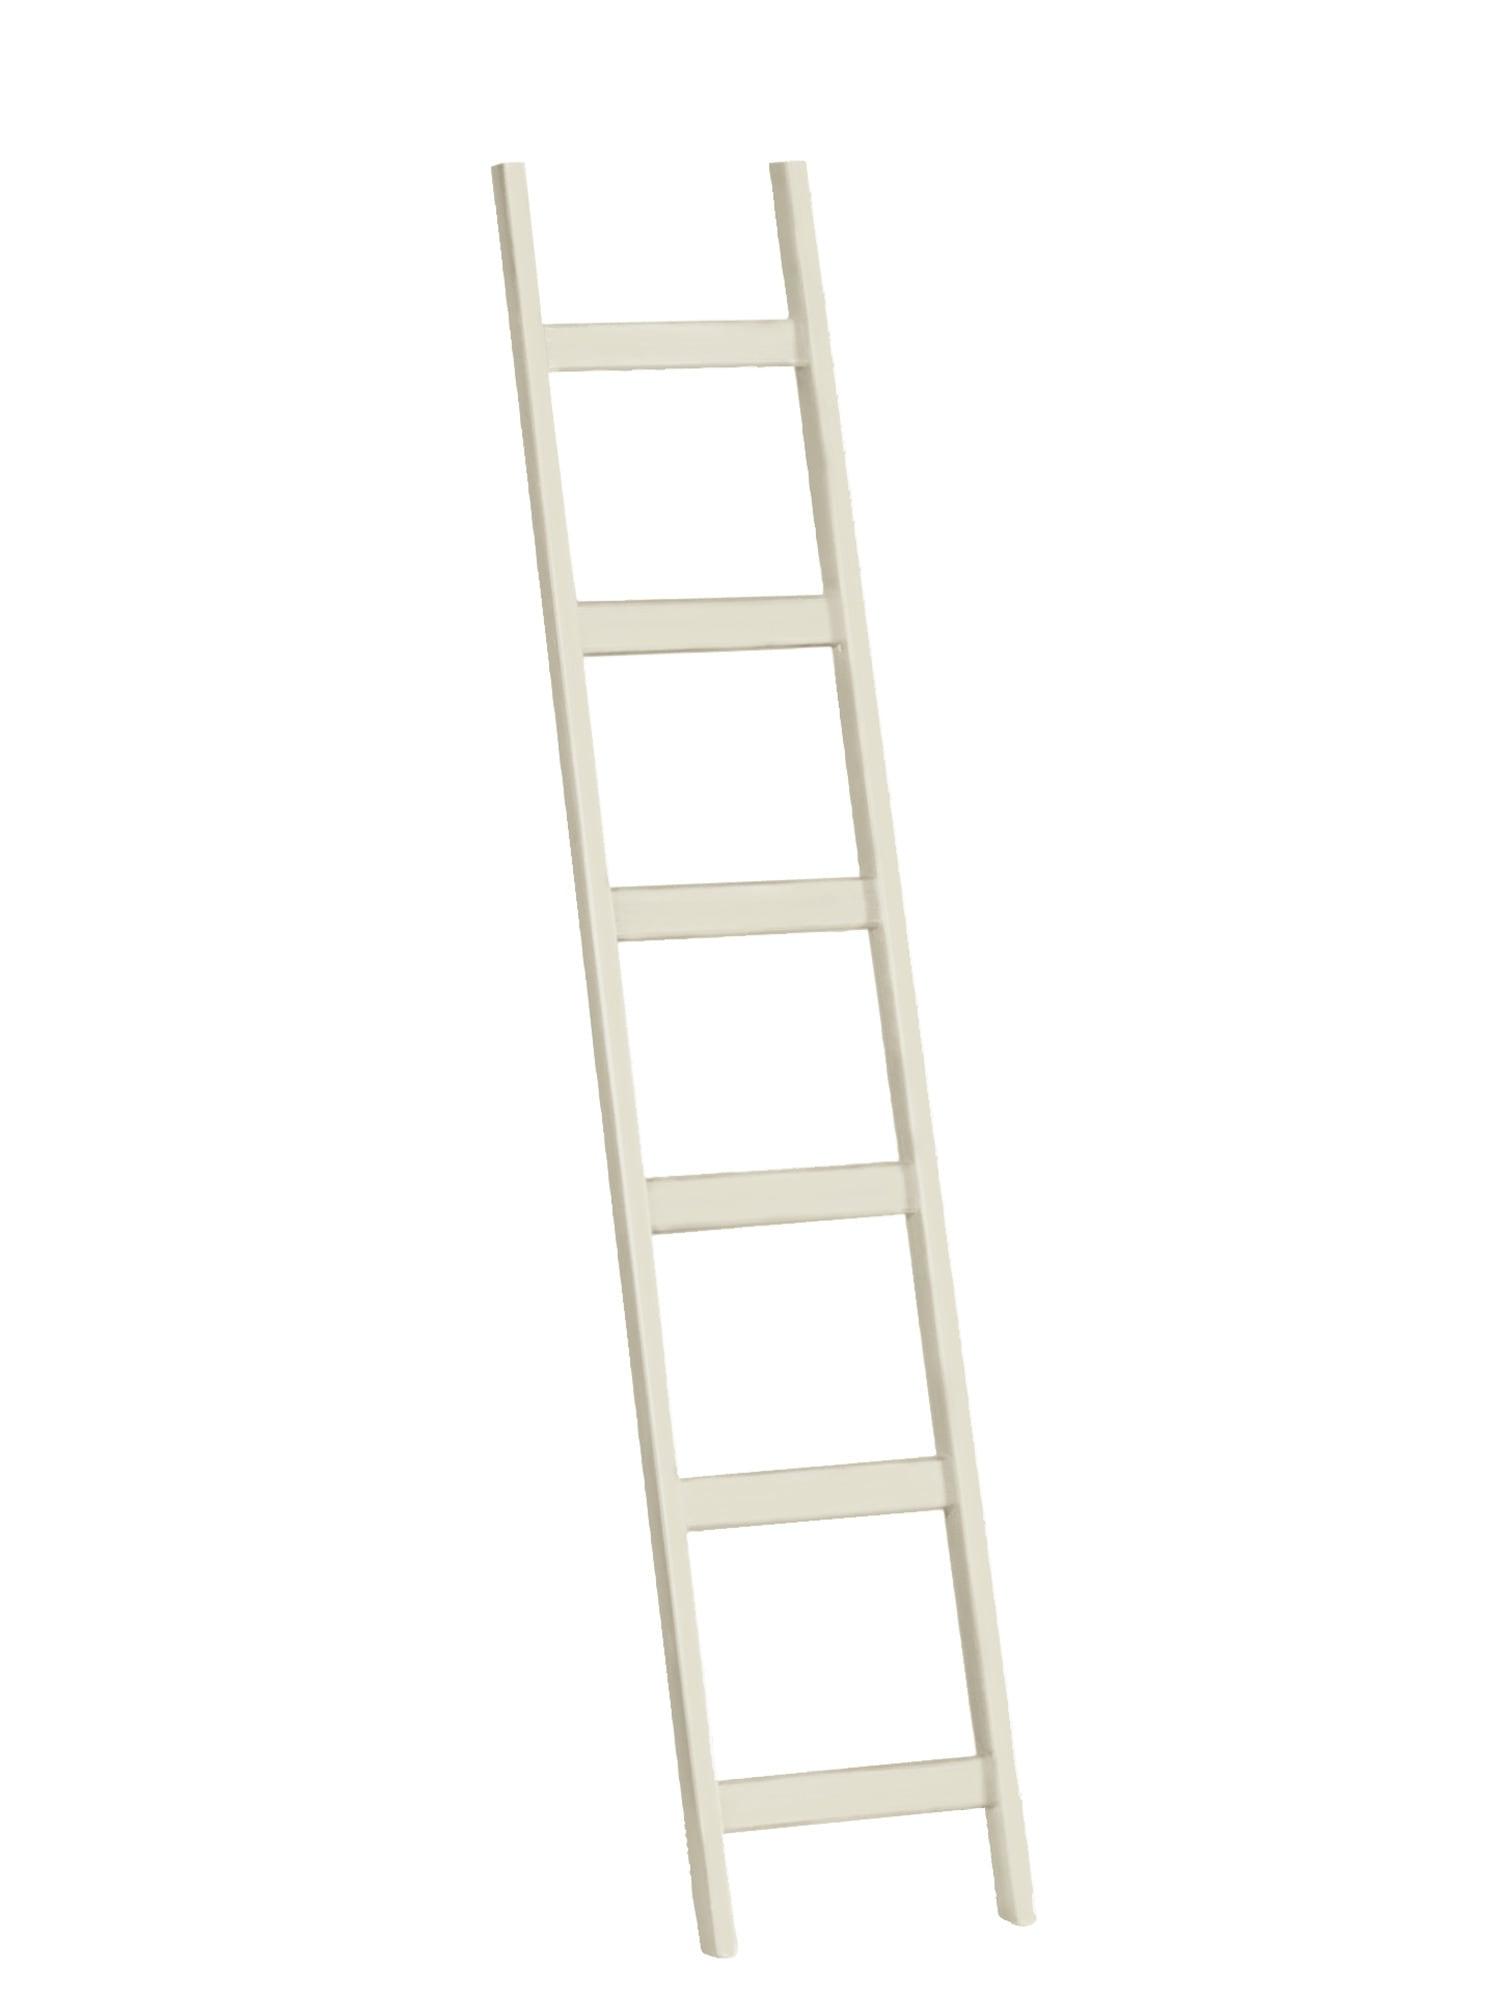 heine home Leiter passend zur Regalwand Wohnen/Möbel/Zubehör für Möbel/Zubehör für Regale